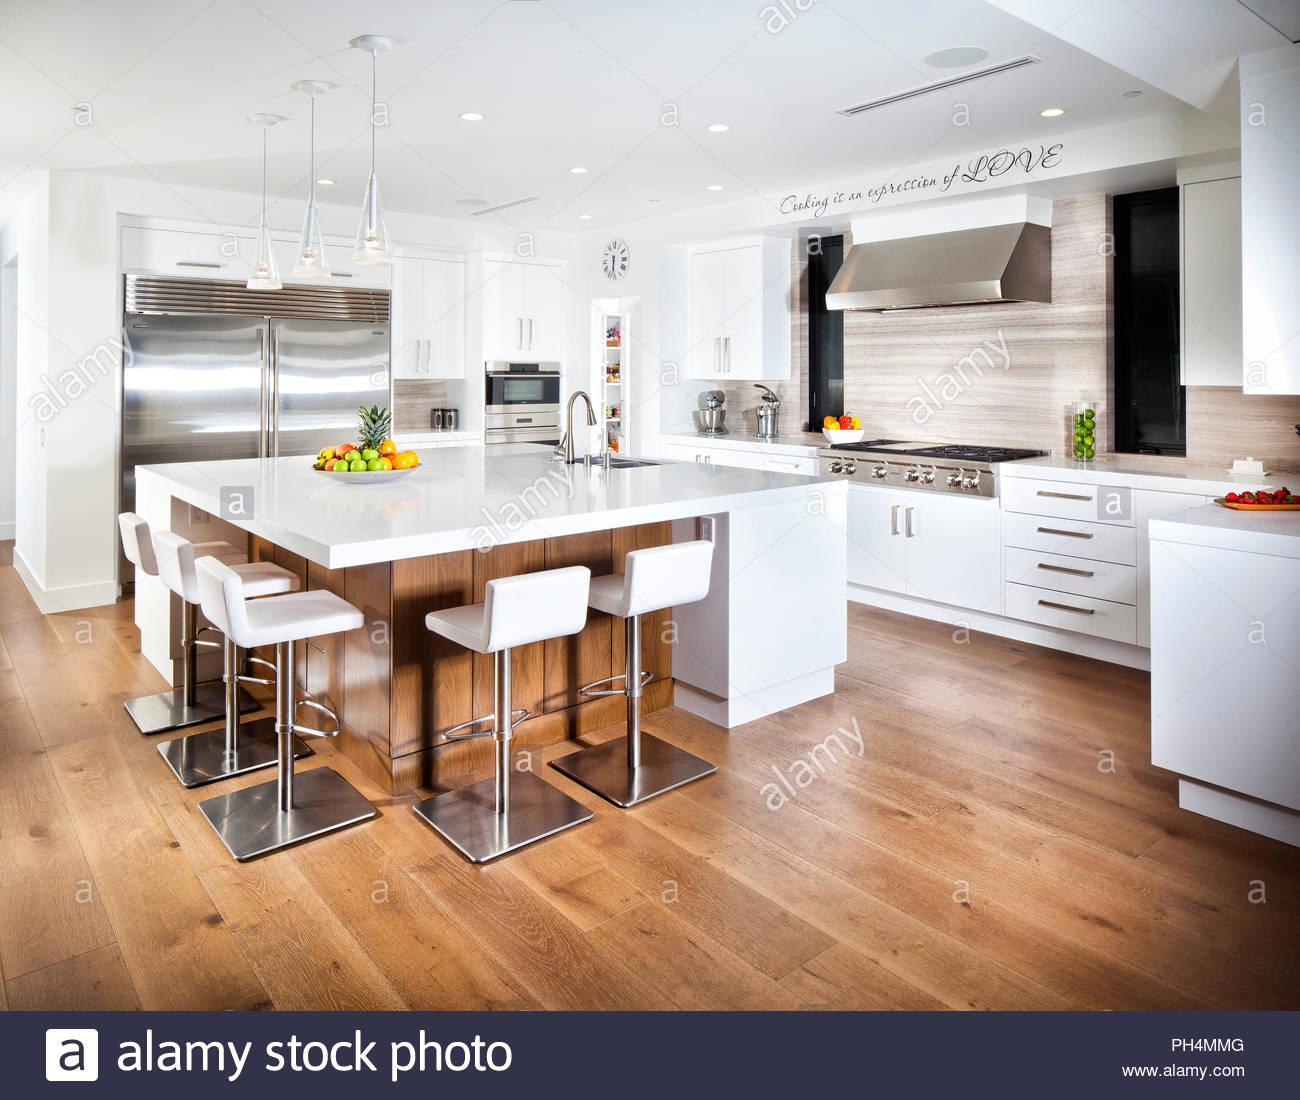 Kuche Parkettboden Klassische Moderne Kuche Mit Holzelementen Und